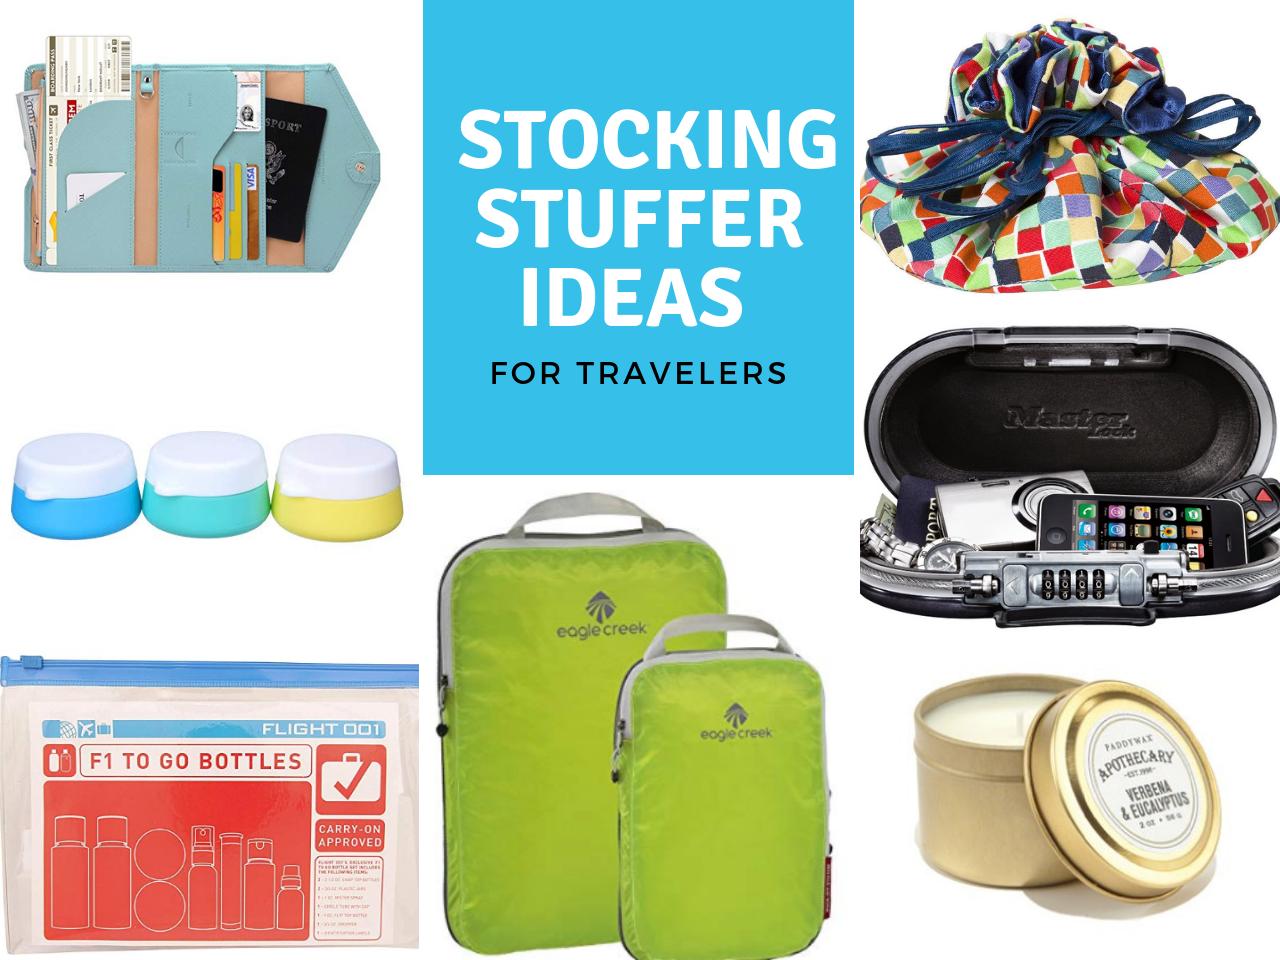 Best Stocking Stuffer Ideas for Travelers